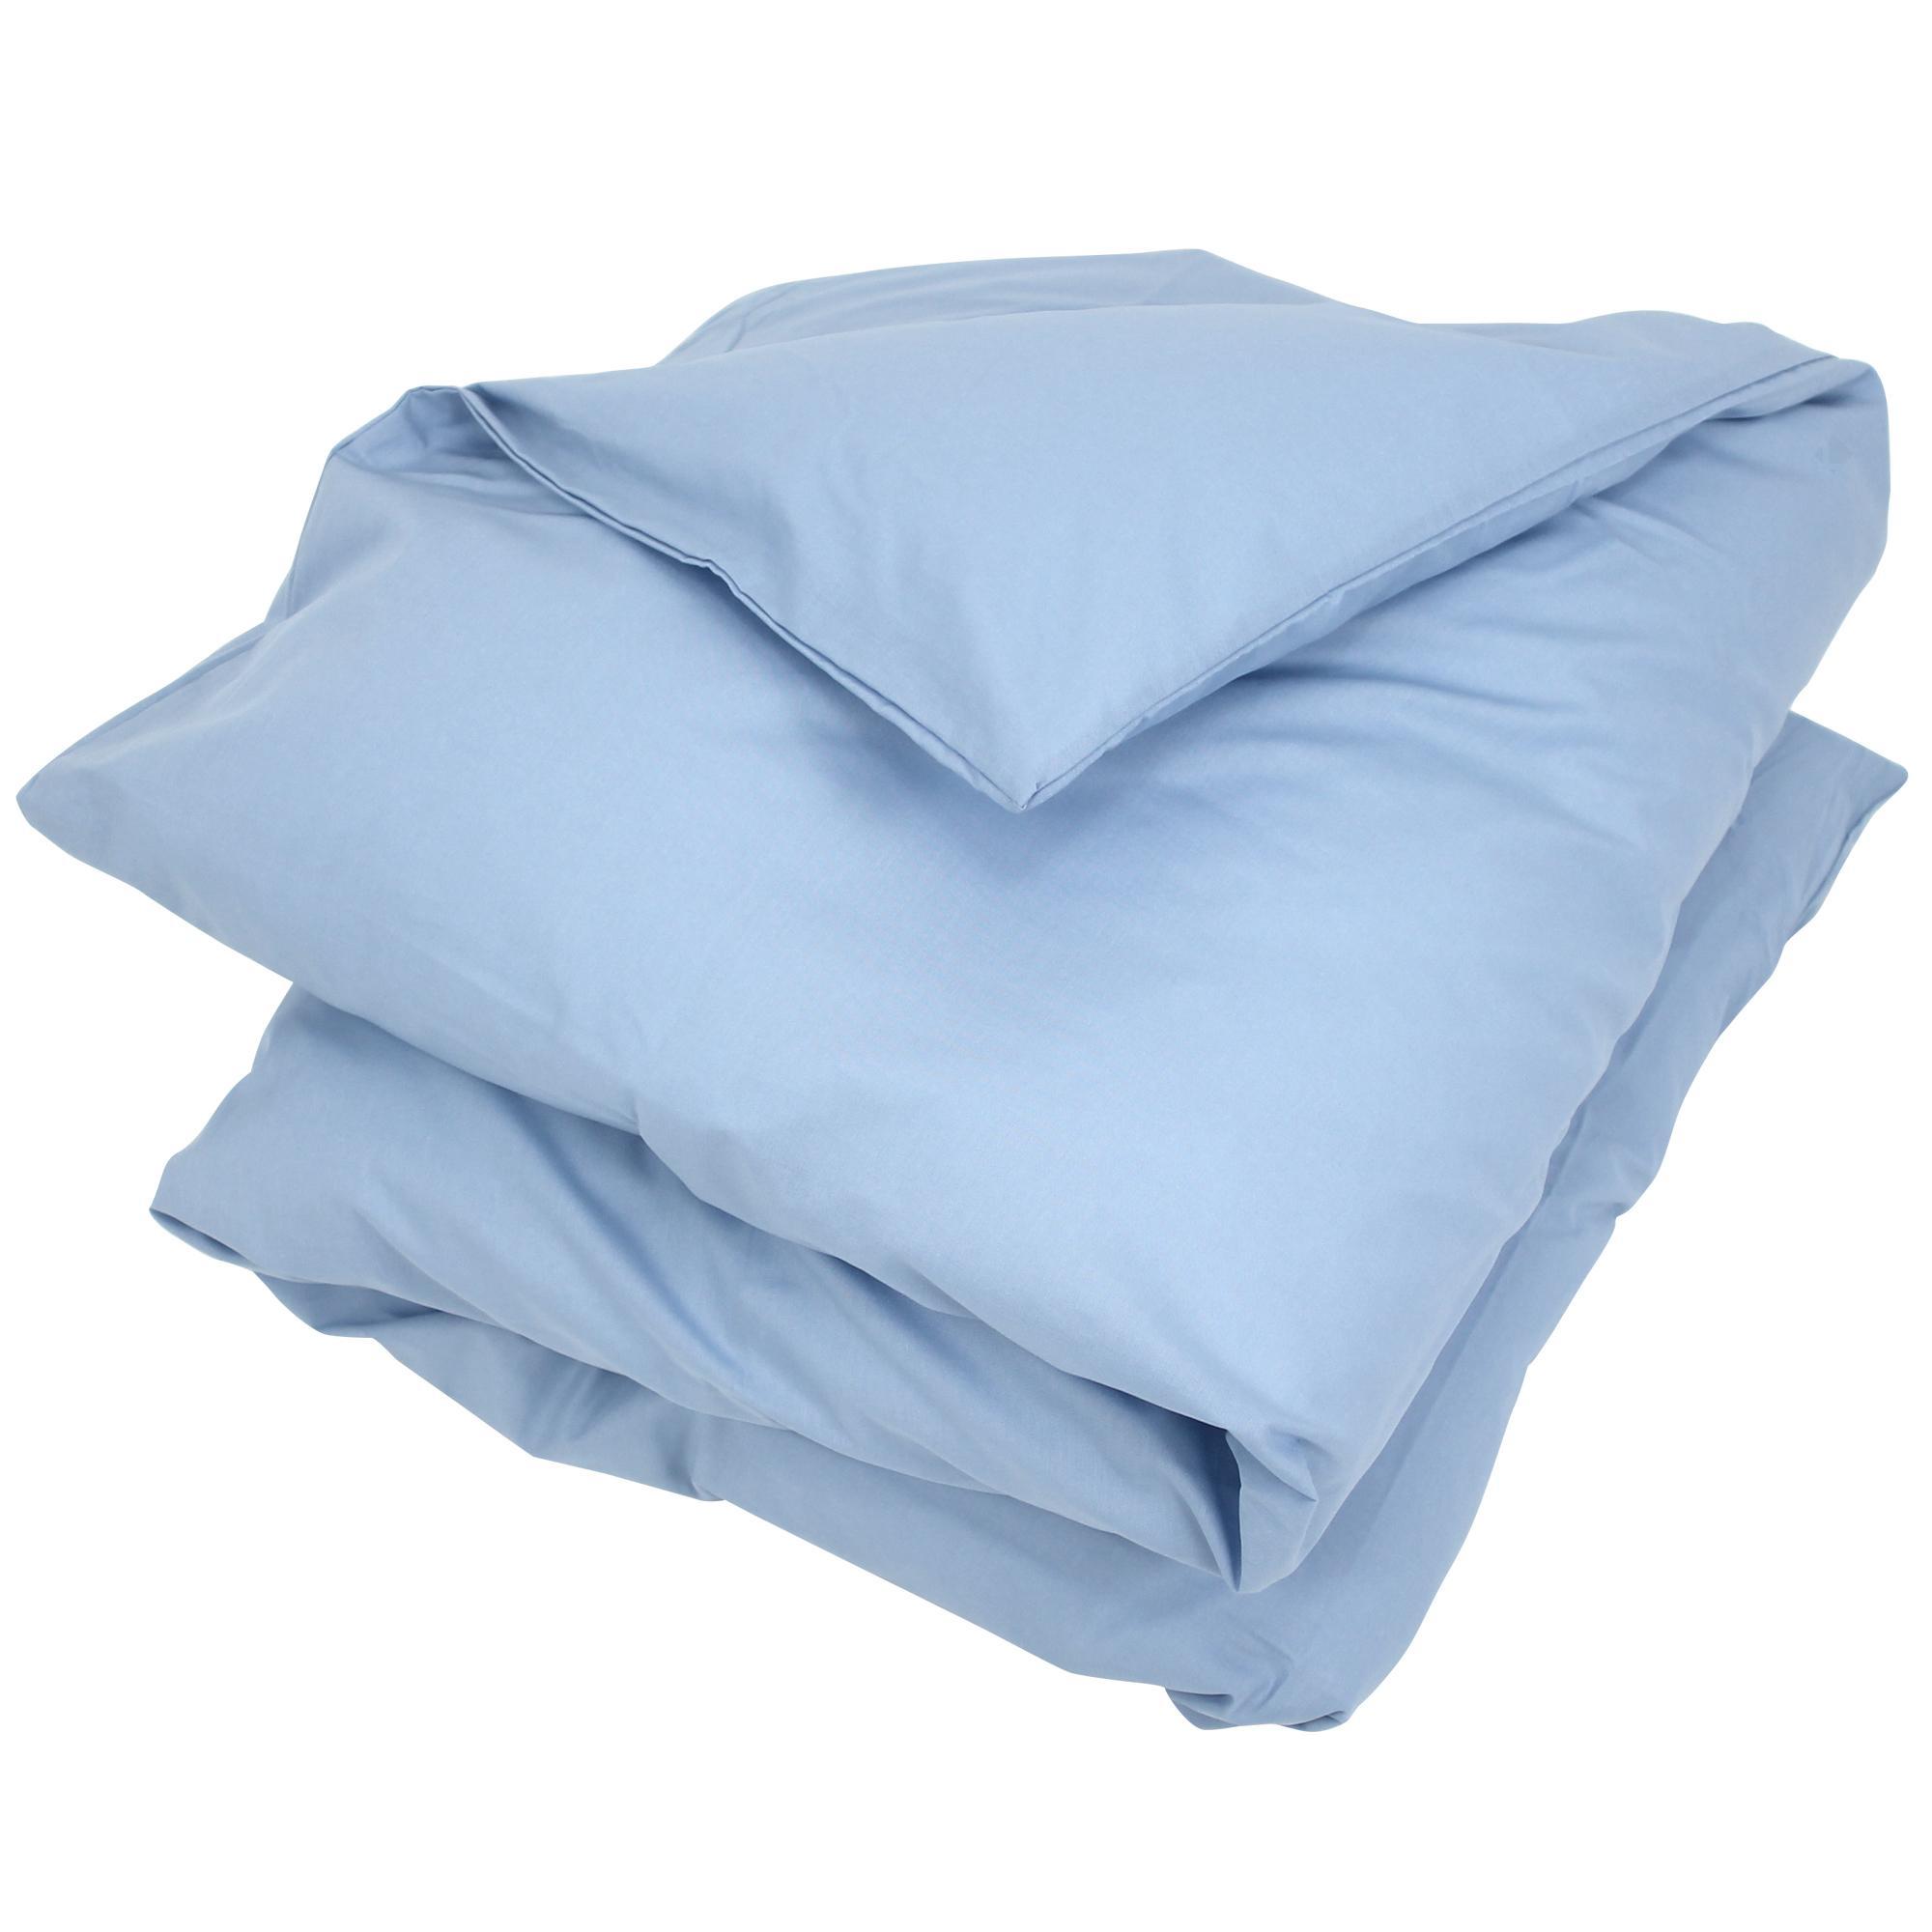 housse de couette 300x240cm uni pur coton alto bleu belle ile linnea linge de maison et. Black Bedroom Furniture Sets. Home Design Ideas